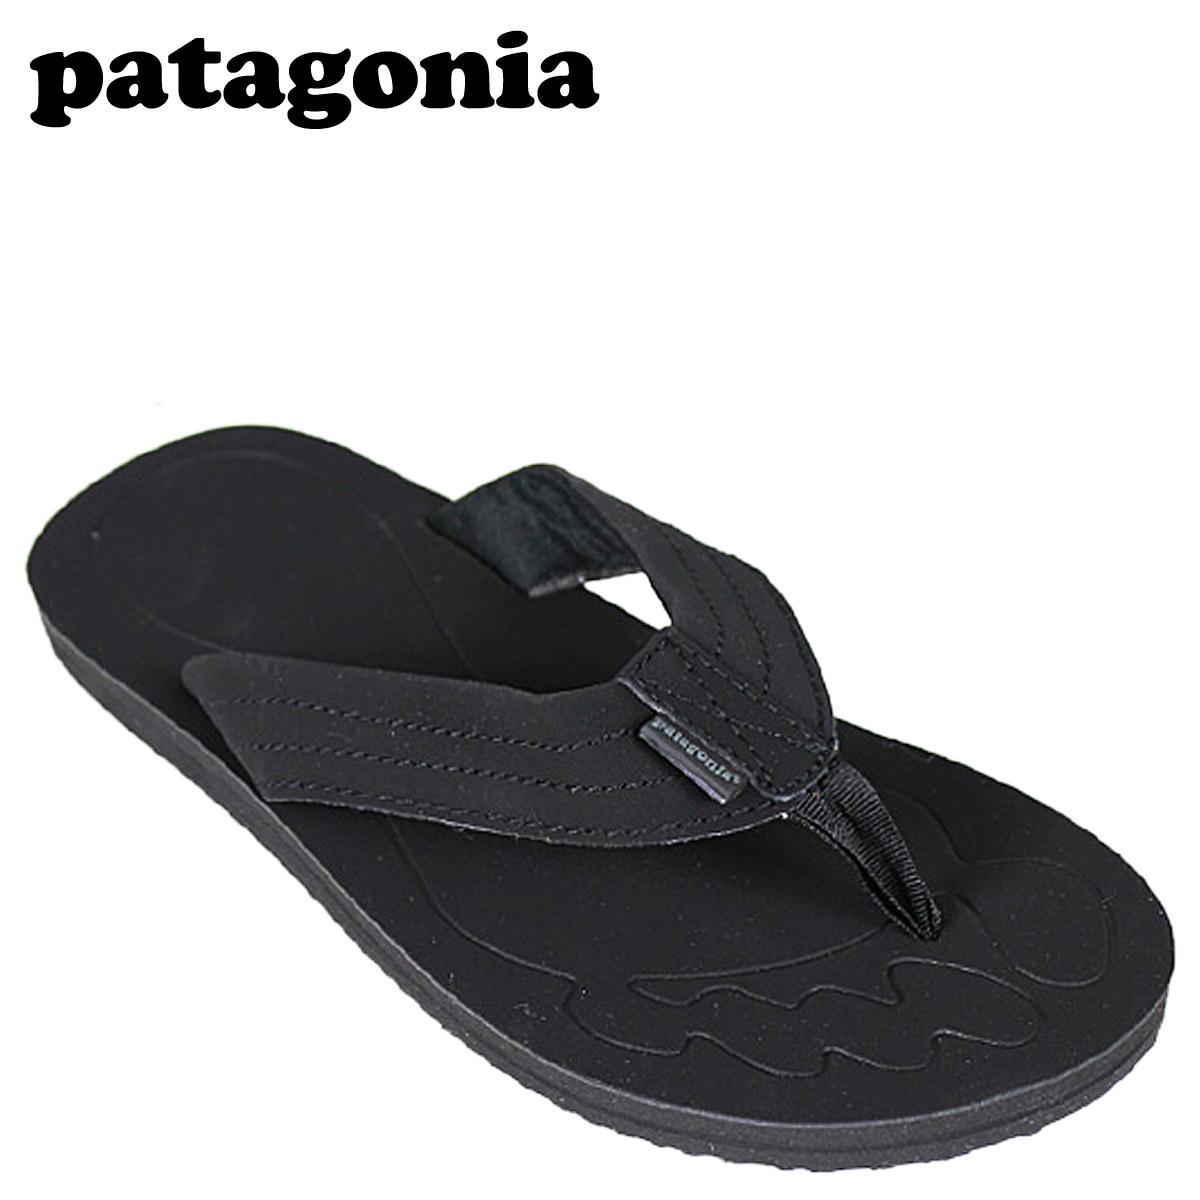 9cab4e850c1 ALLSPORTS  BLACK SANDALS of Patagonia patagonia women s Sandals black  shoes